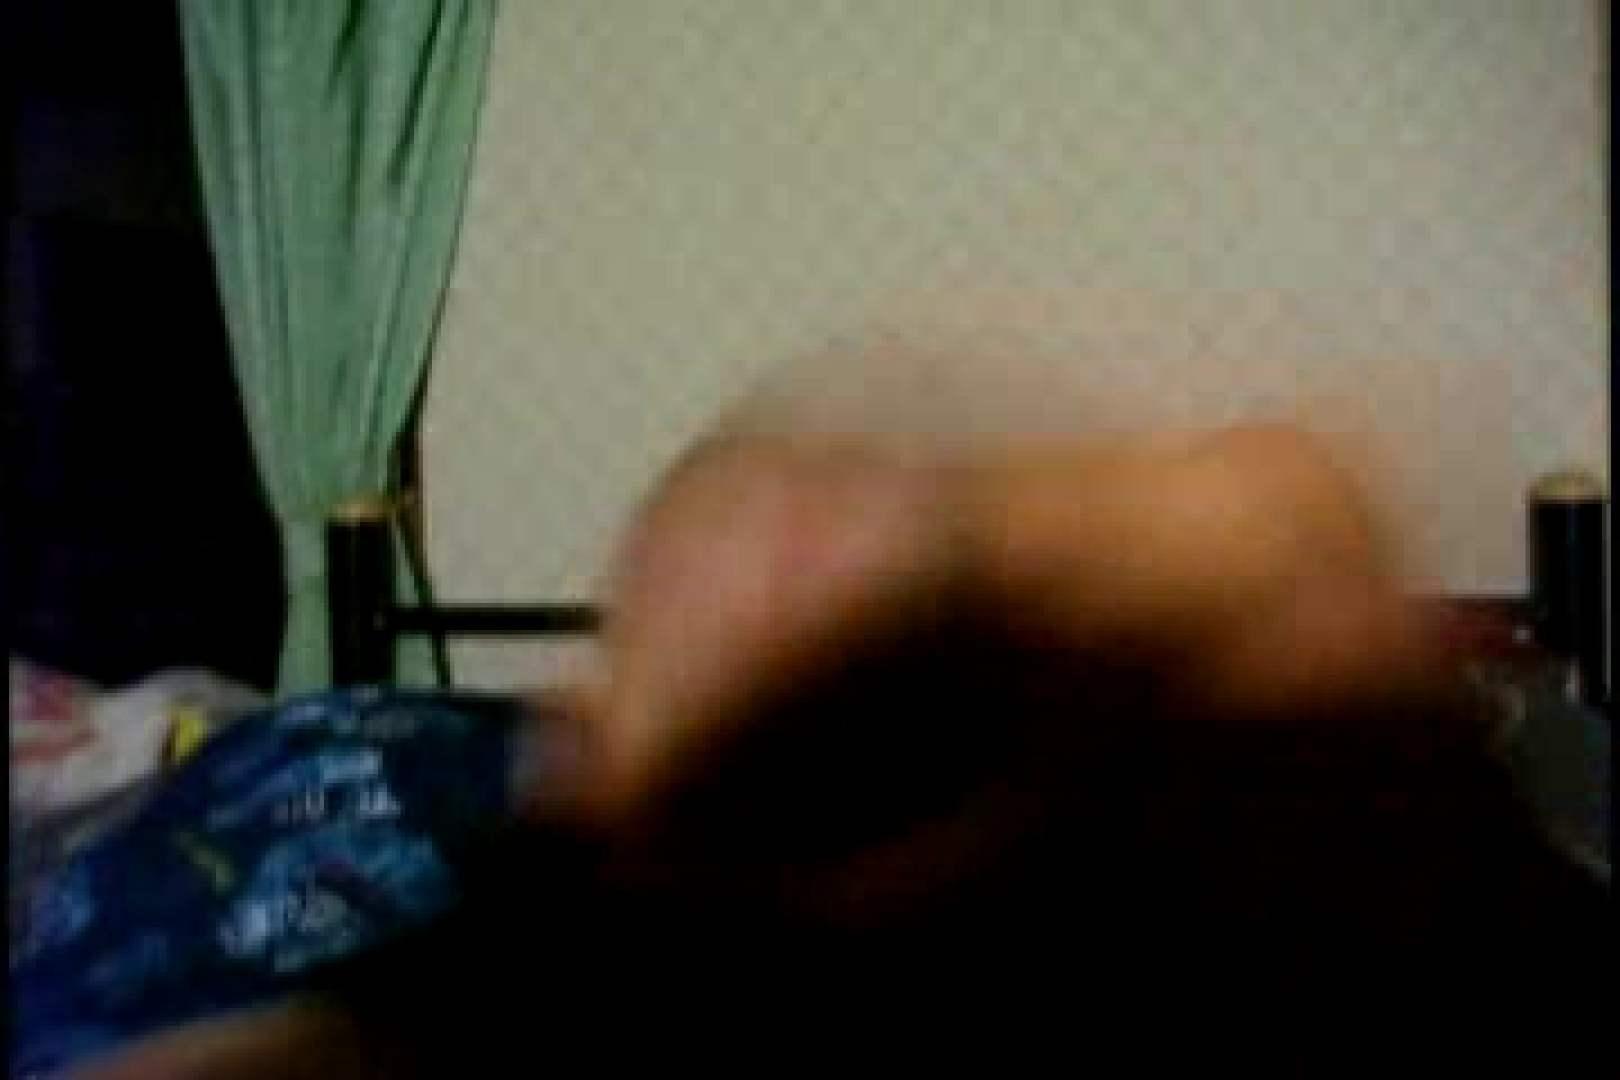 オナ好きノンケテニス部員の自画撮り投稿vol.03 モザイク無し ゲイ無修正動画画像 97pic 26